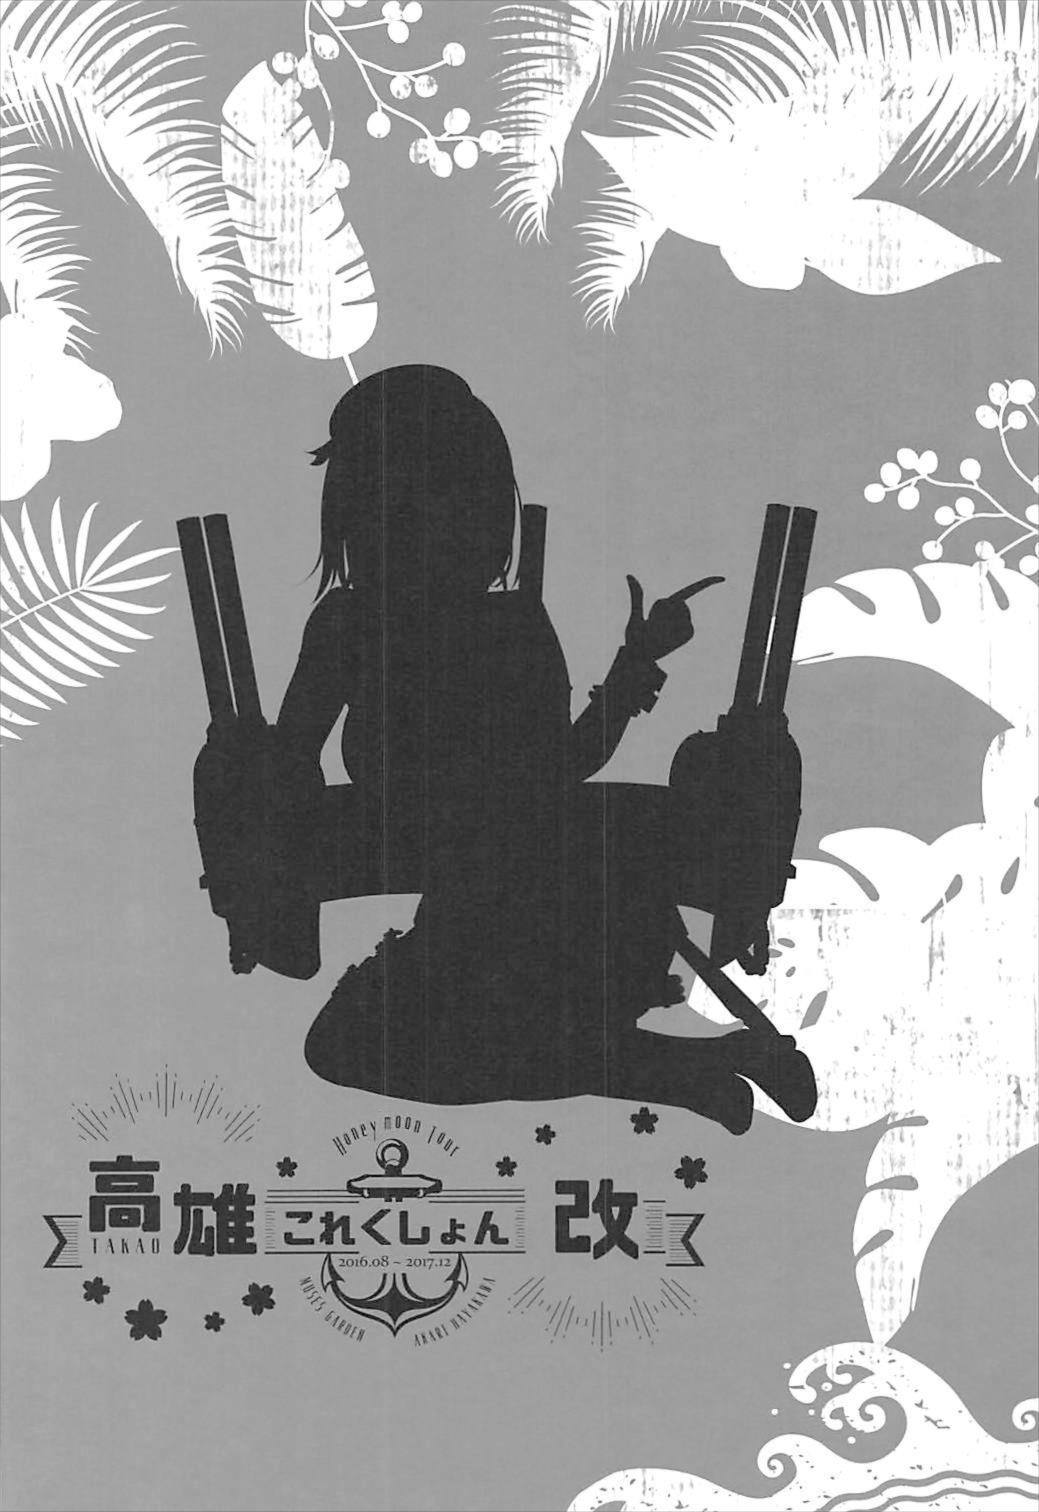 Takao Collection Kai Honeymoon Tour 21